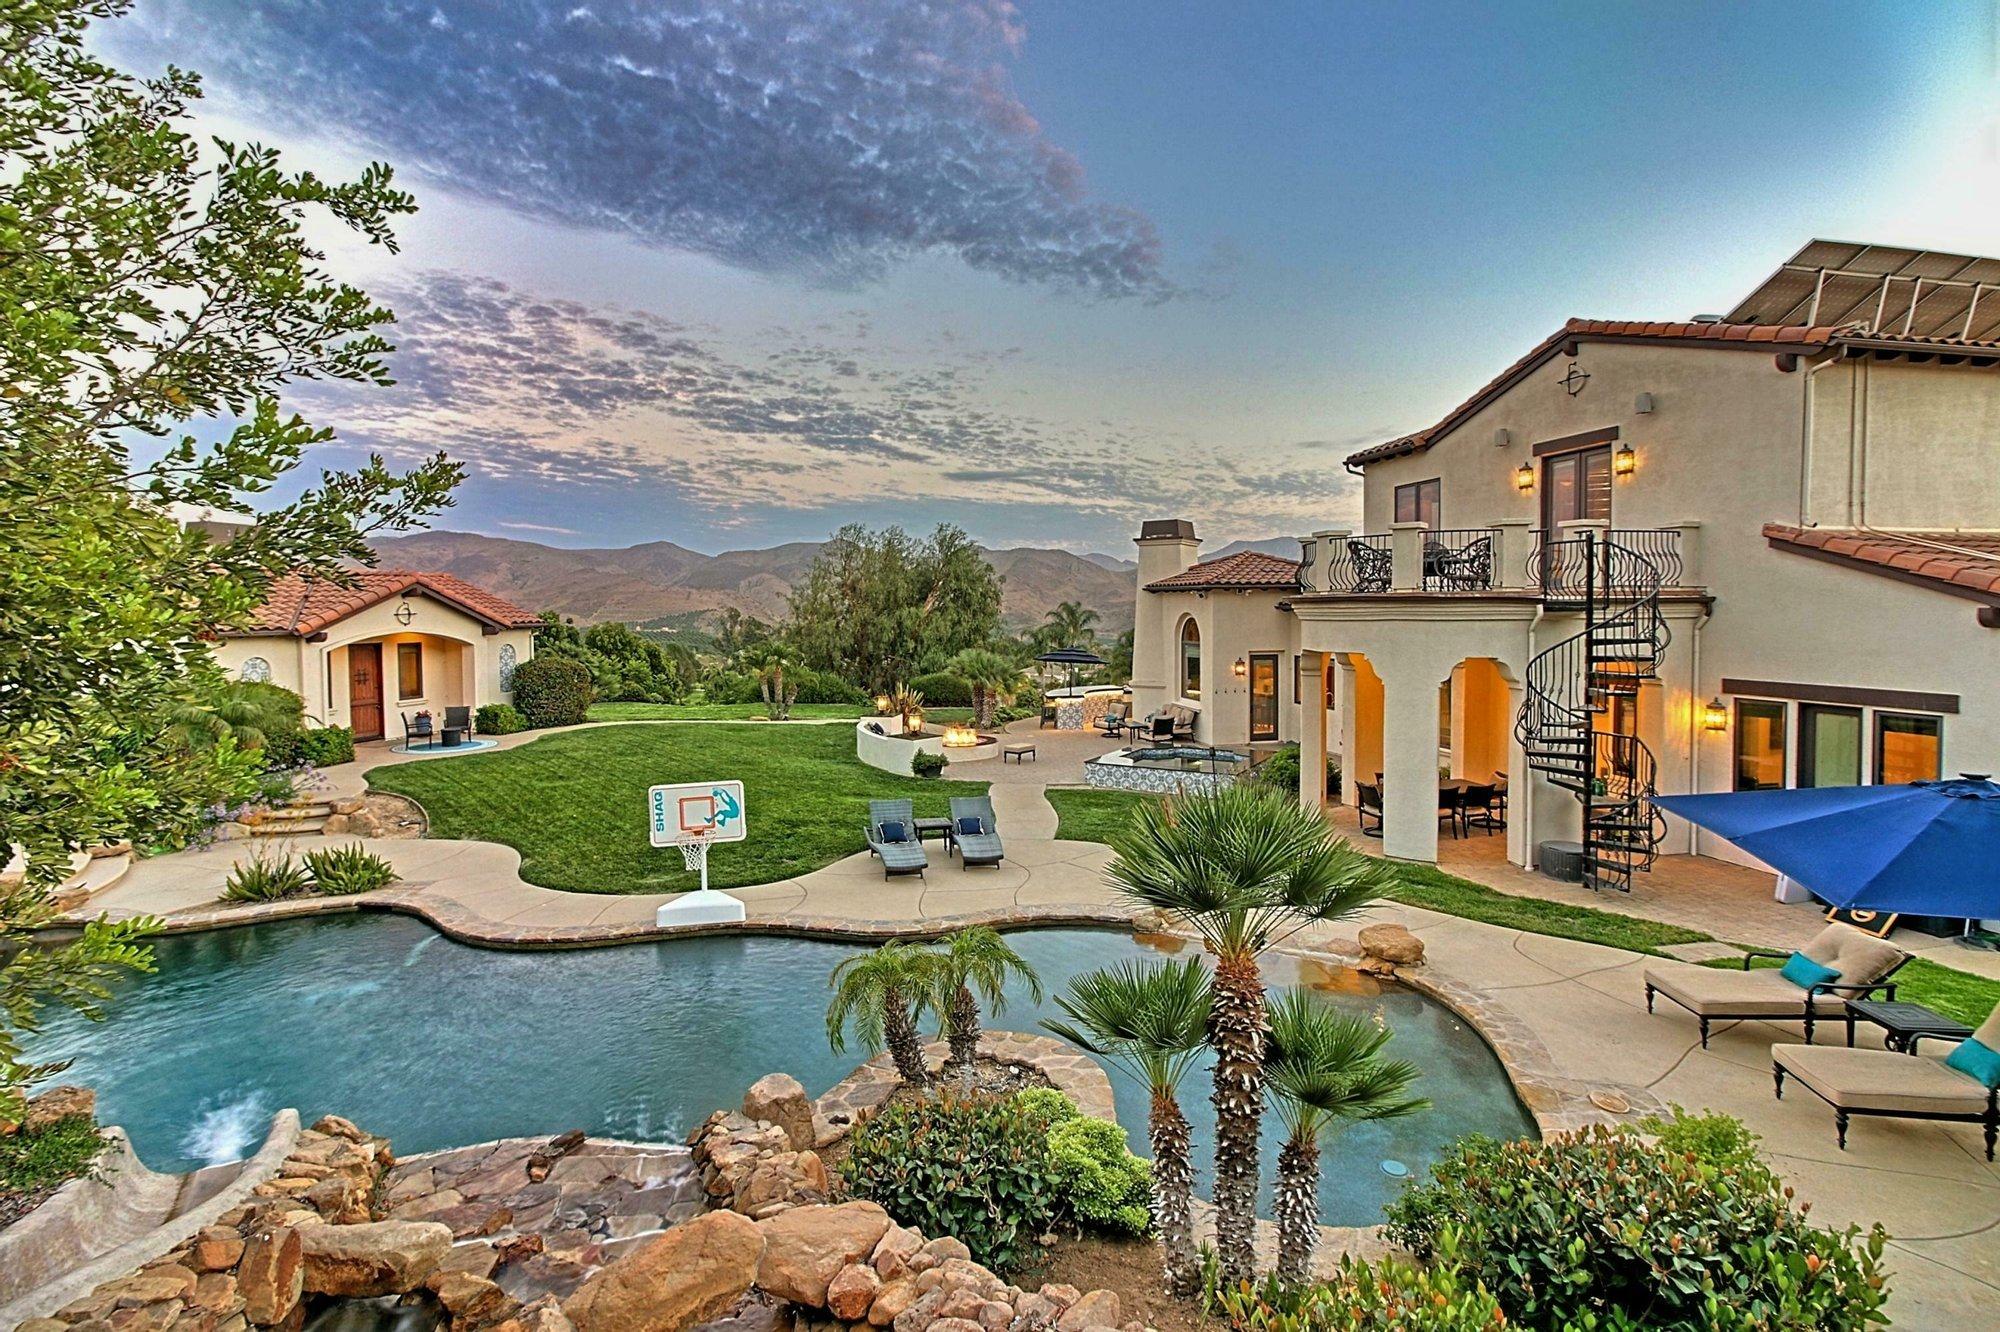 Дом в Камарило, Калифорния, Соединенные Штаты Америки 1 - 11544721